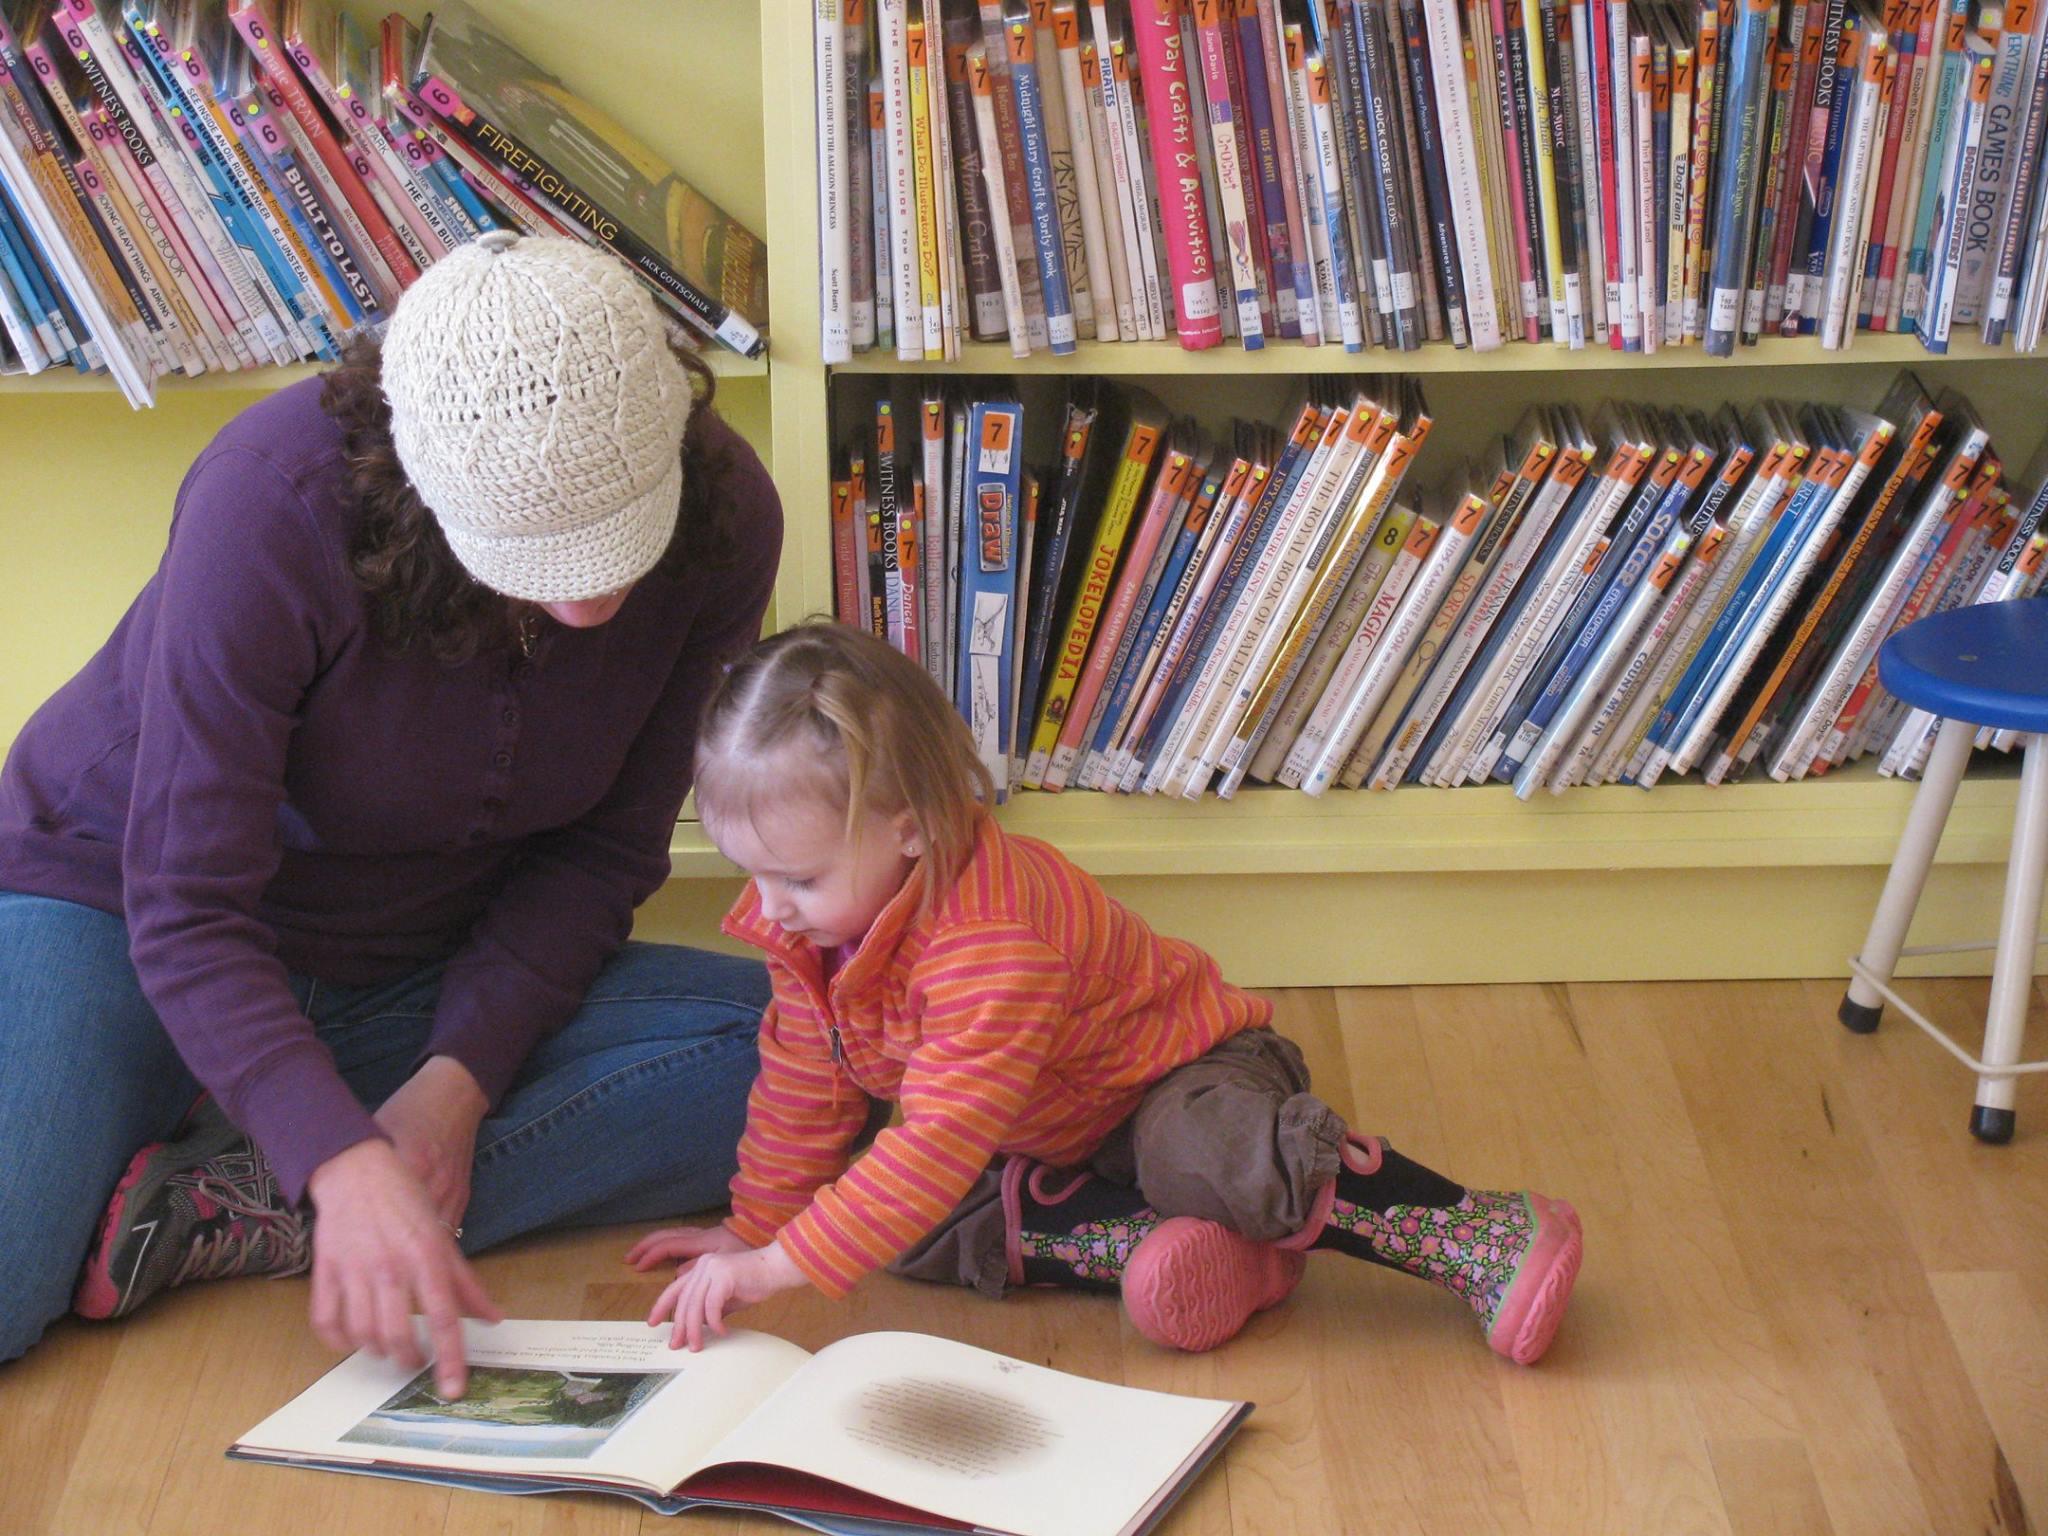 Helping children read